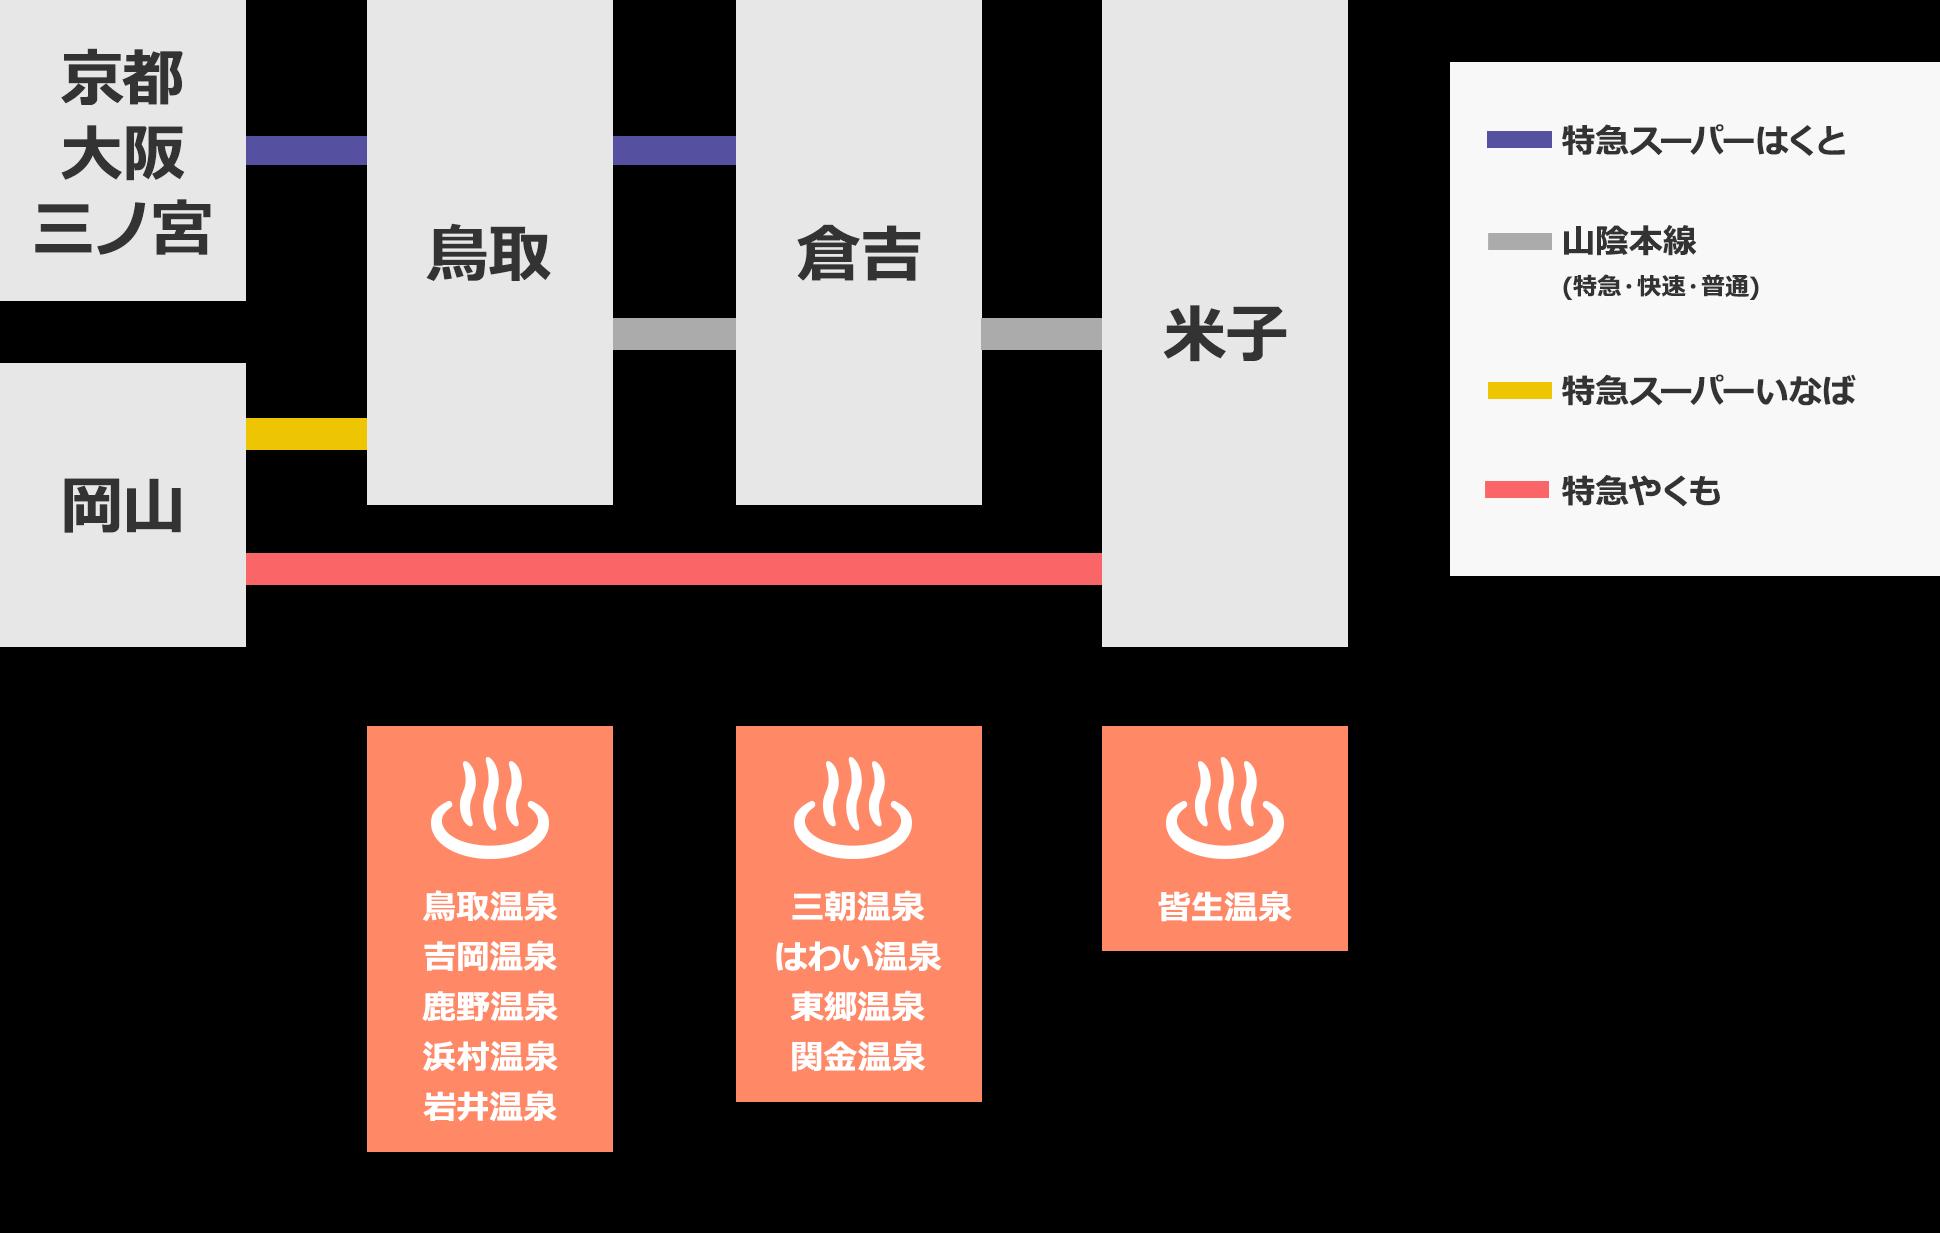 関西方面から県内温泉地(最寄駅)までのアクセス